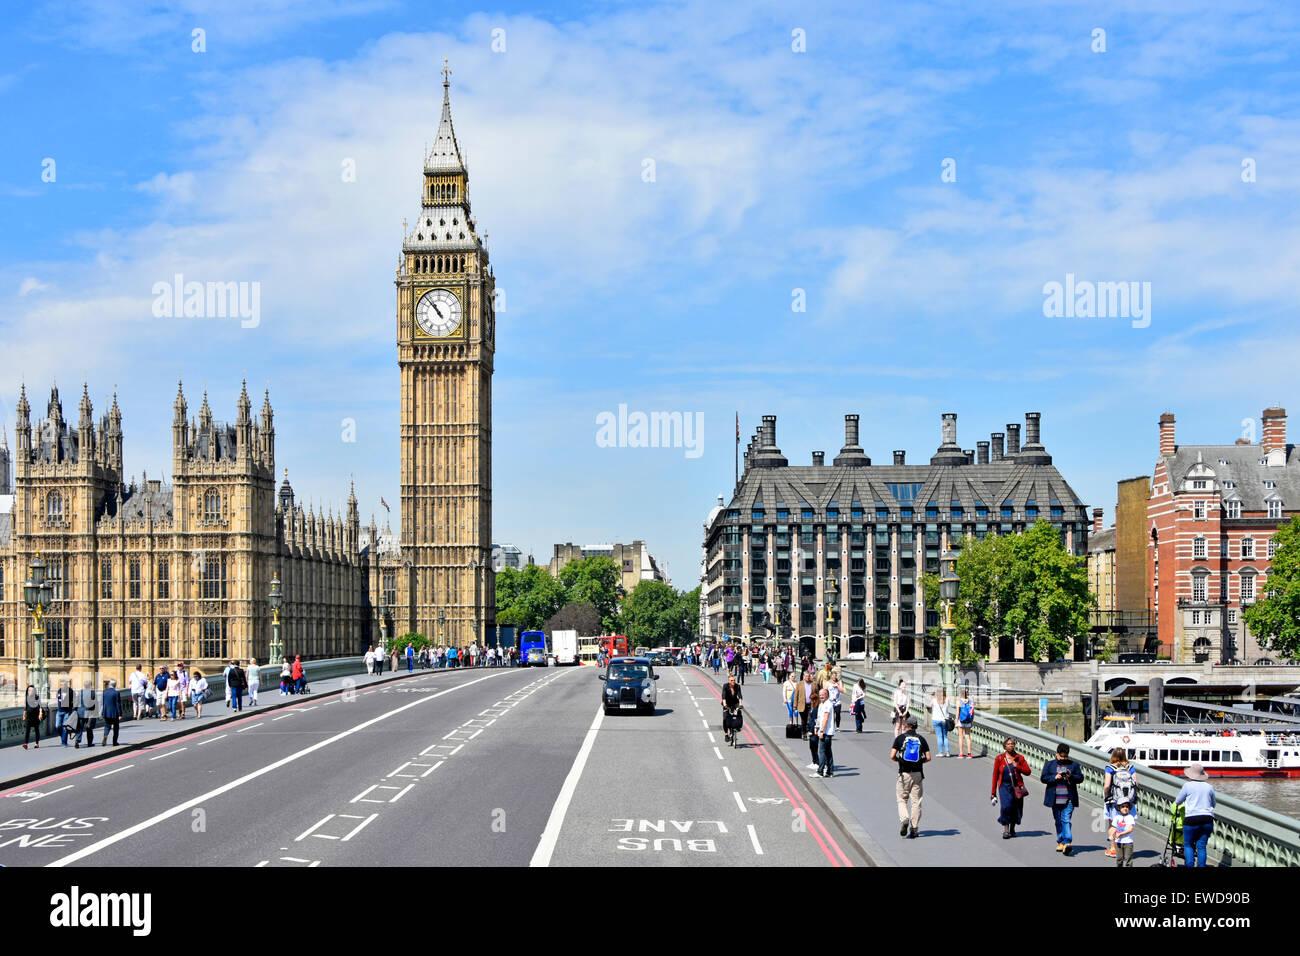 El puente de Westminster y el Big Ben torre del reloj Casas del Parlamento incluyendo dark Portcullis House Londres England Reino Unido Foto de stock